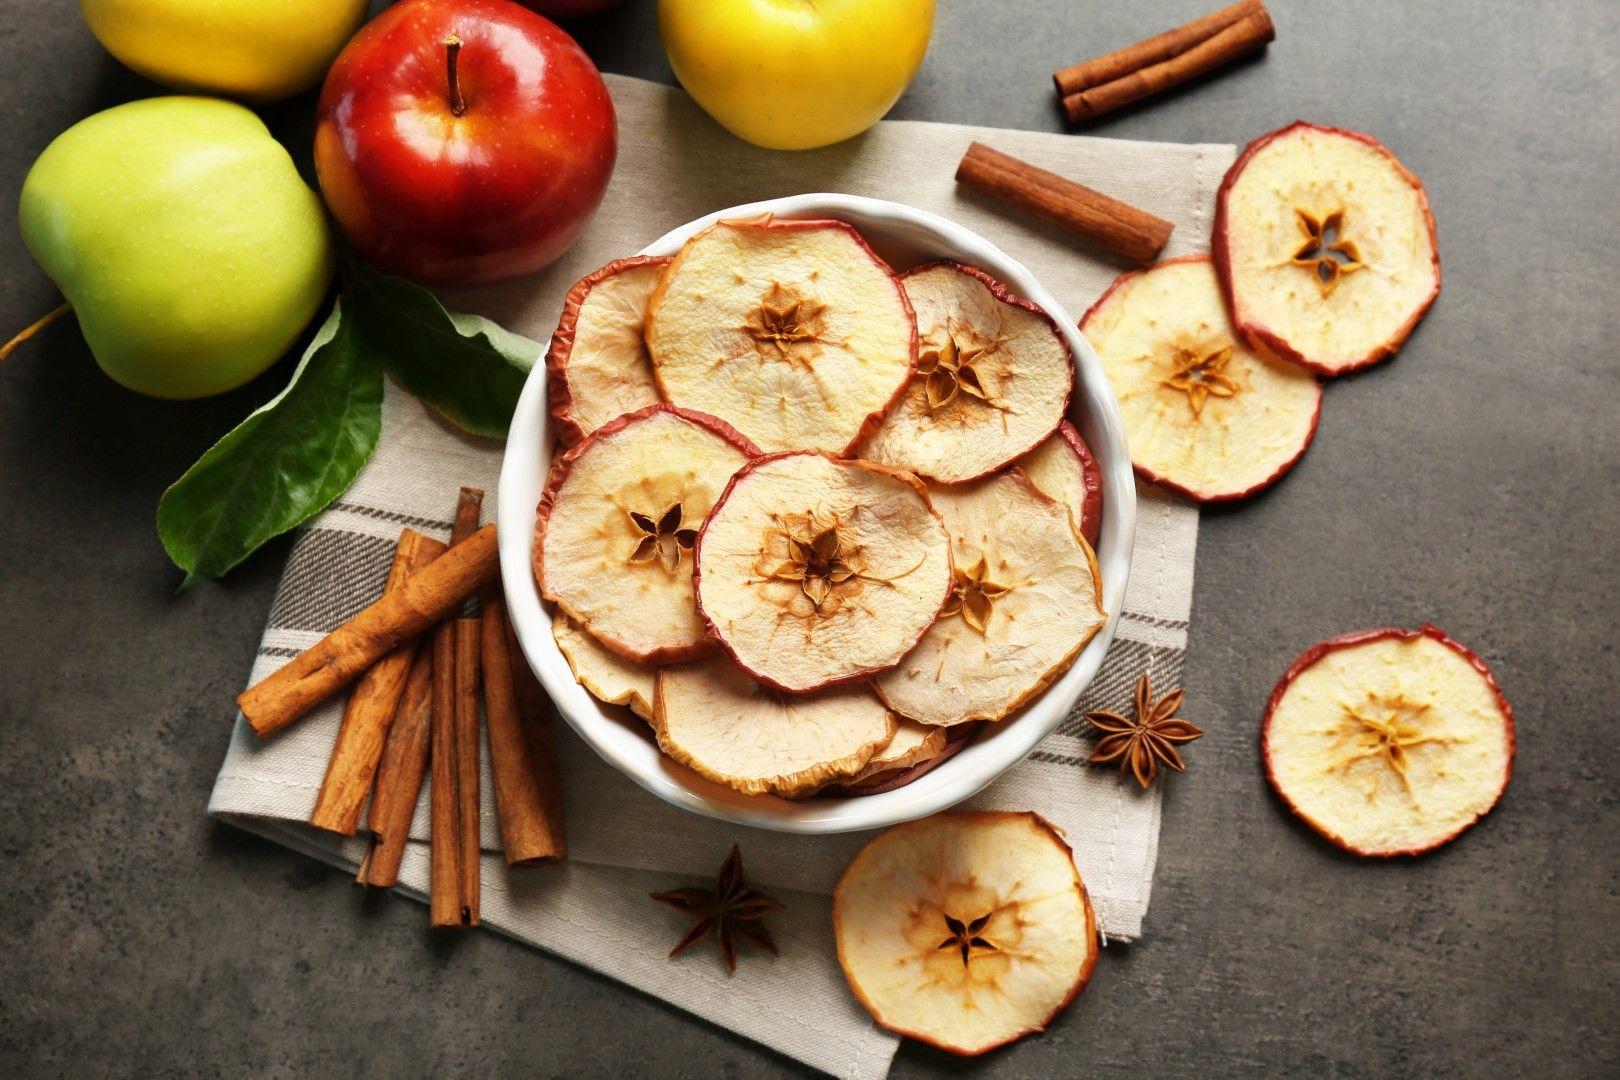 צ'יפס תפוחים